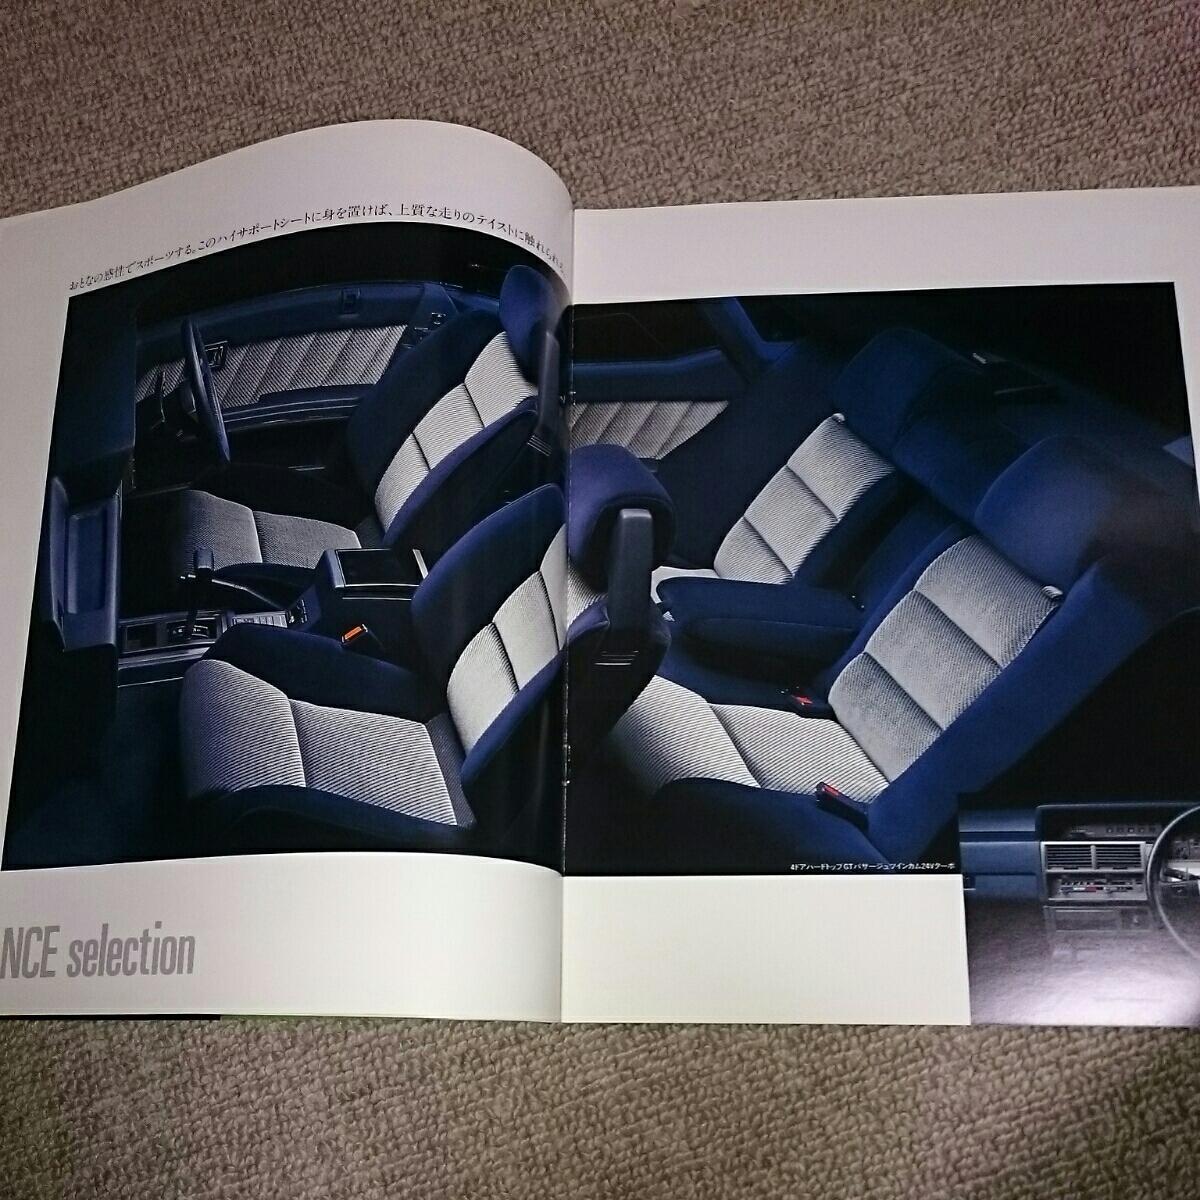 希少、R31、日産スカイライン、35ページ、本カタログ、ハイキャス、RB20DET、GTツインカム24Vセラミックターボ他。_画像3